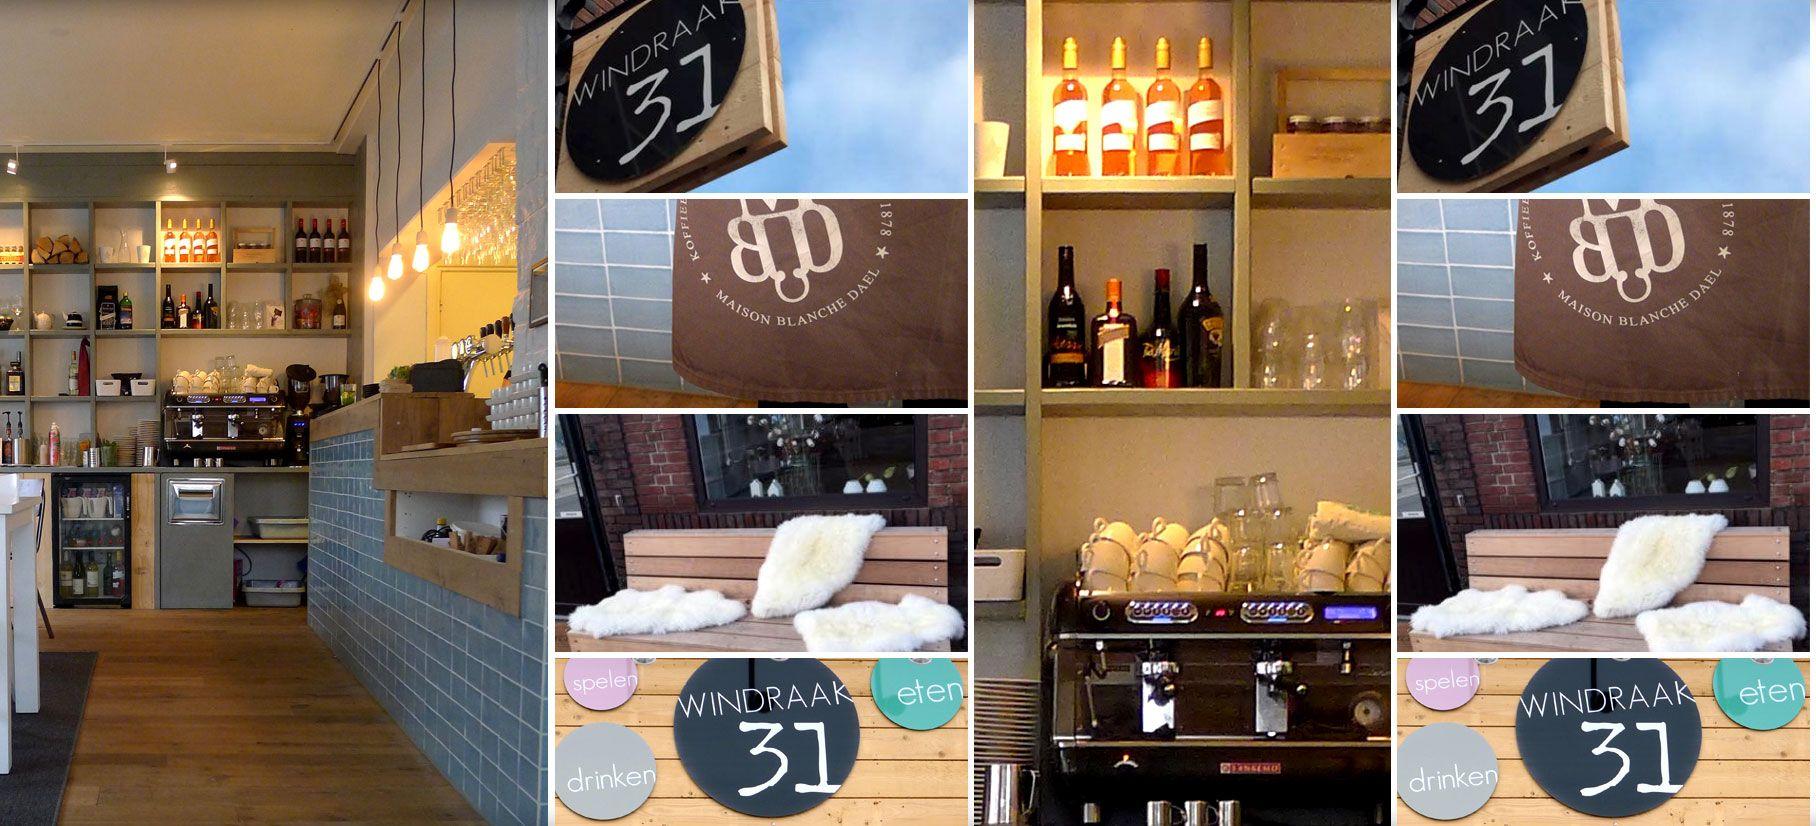 Windraak31, Restaurant, Speeltuin Sittard: Interieur | Plaatsen om ...